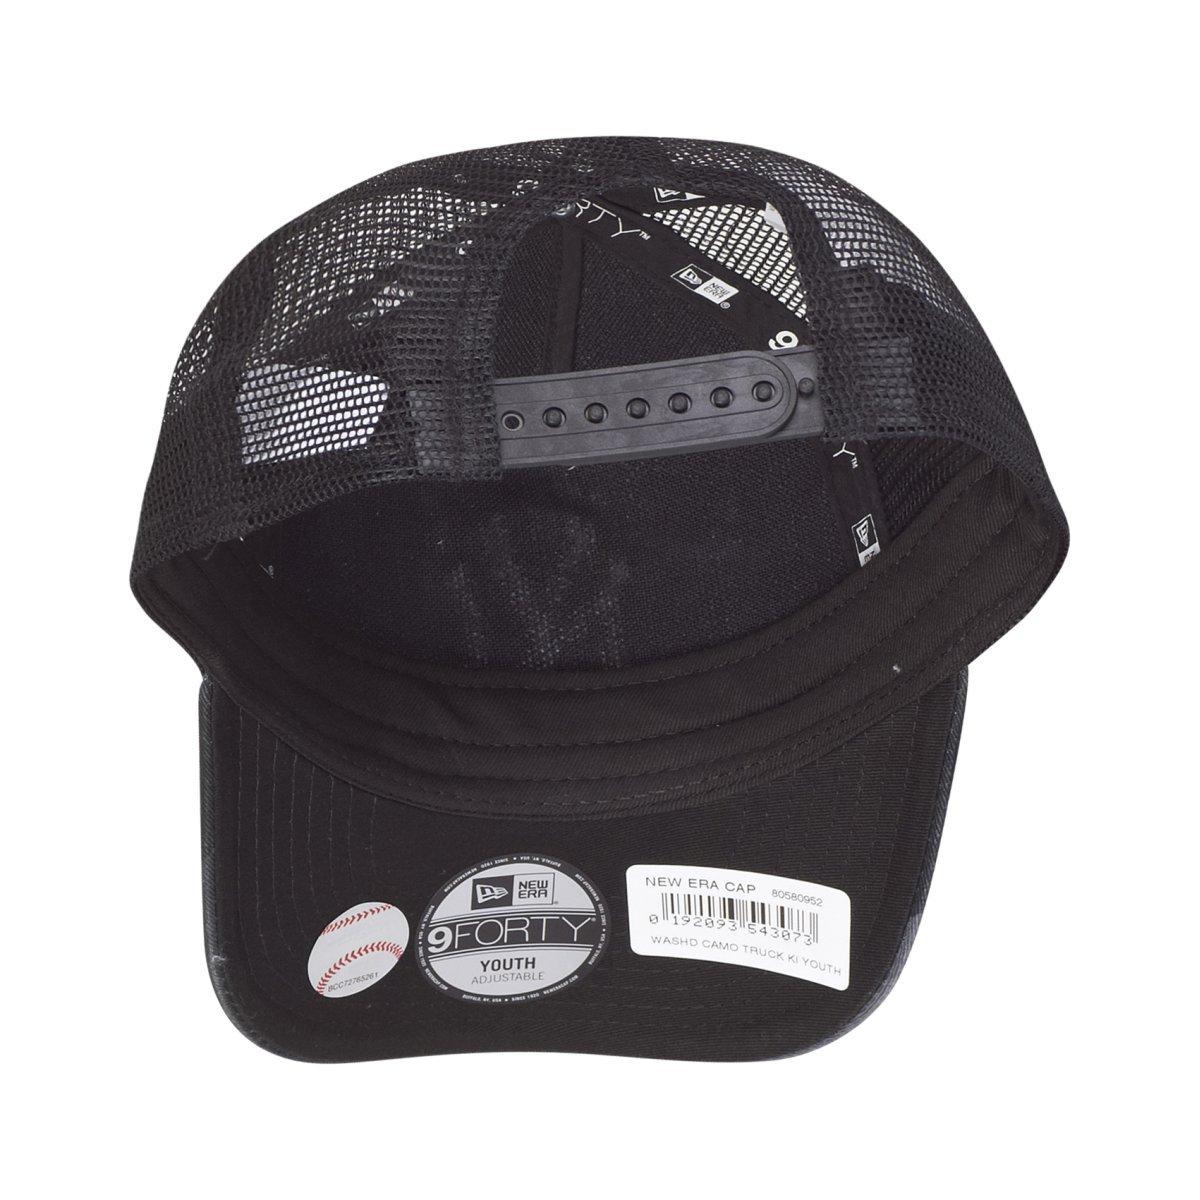 9a546f05a7a New Era Kids Trucker Cap - NY Yankees washed dark camo - Youth   Amazon.co.uk  Clothing